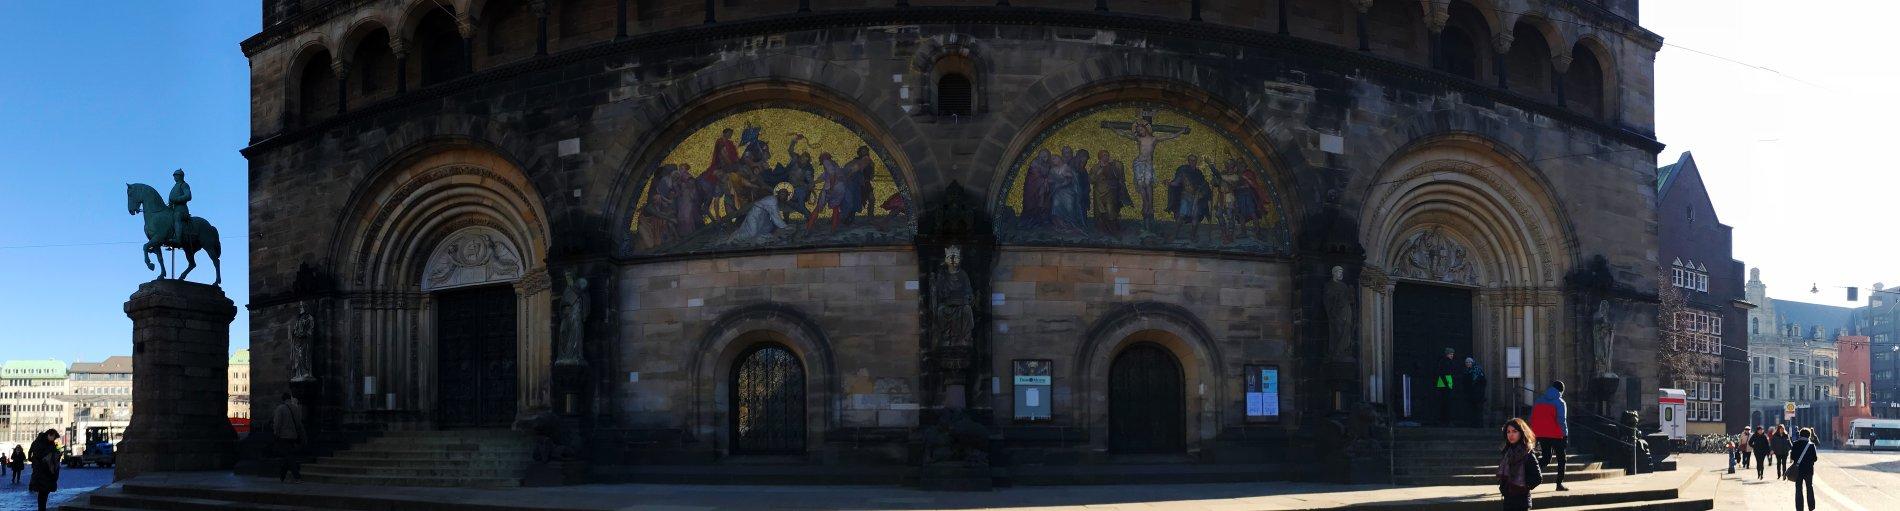 Szenen aus dem Alten und dem Neuen Testament über dem Portal zum Dom